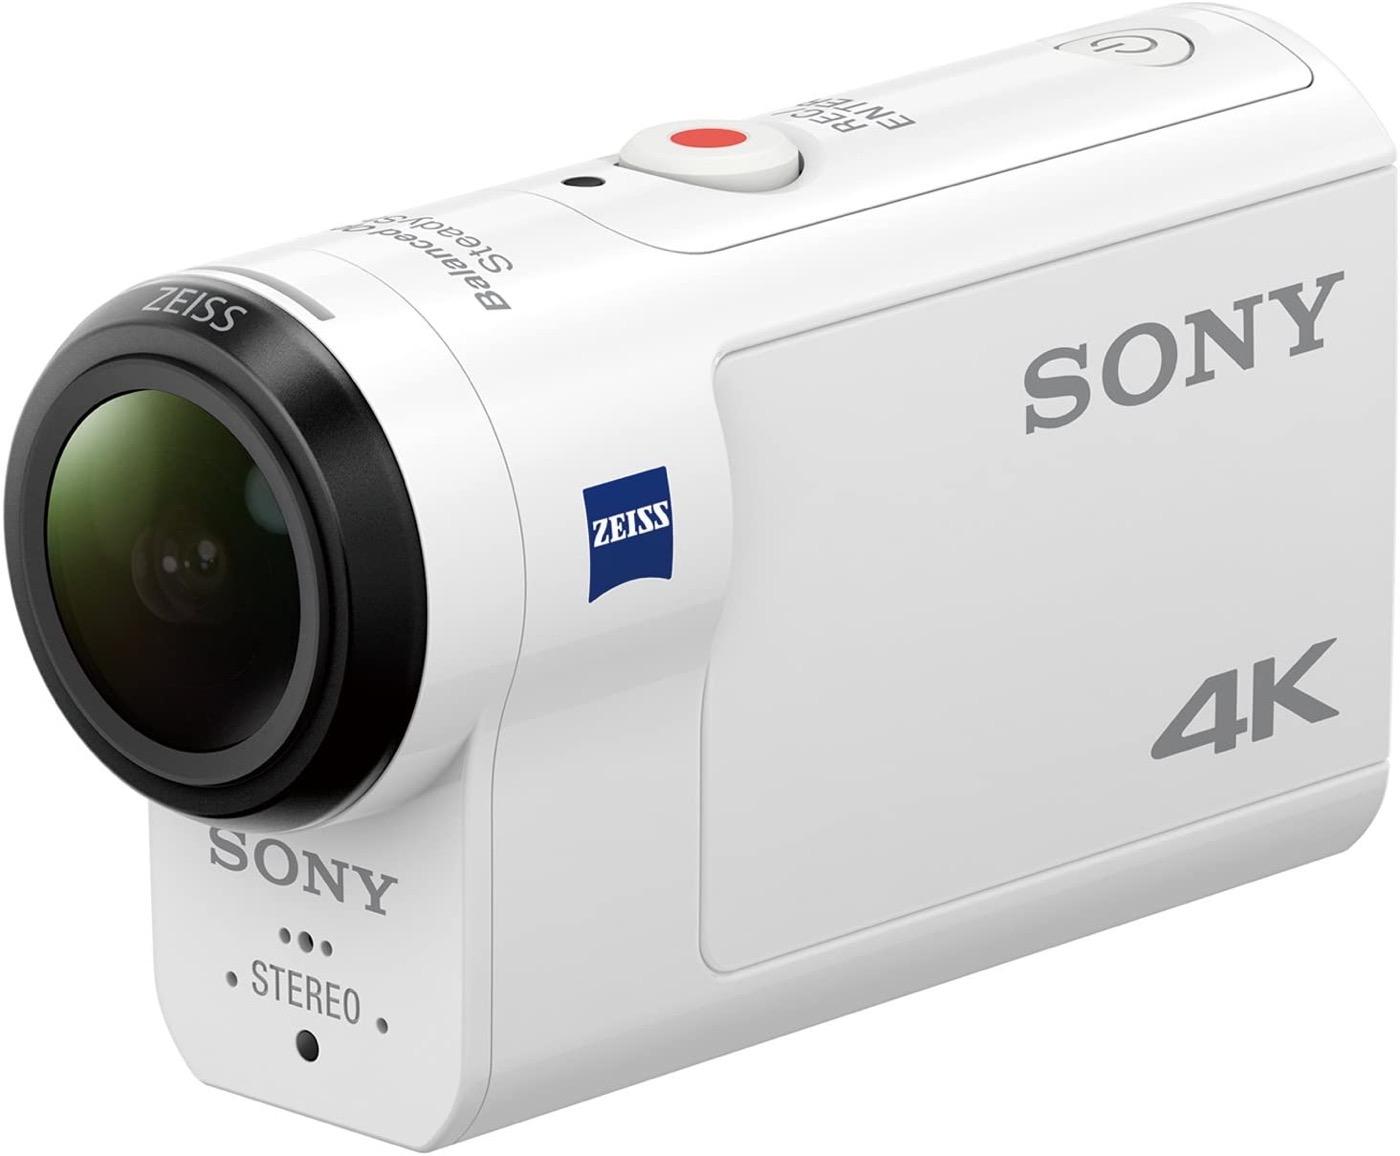 Sony actioncam owari